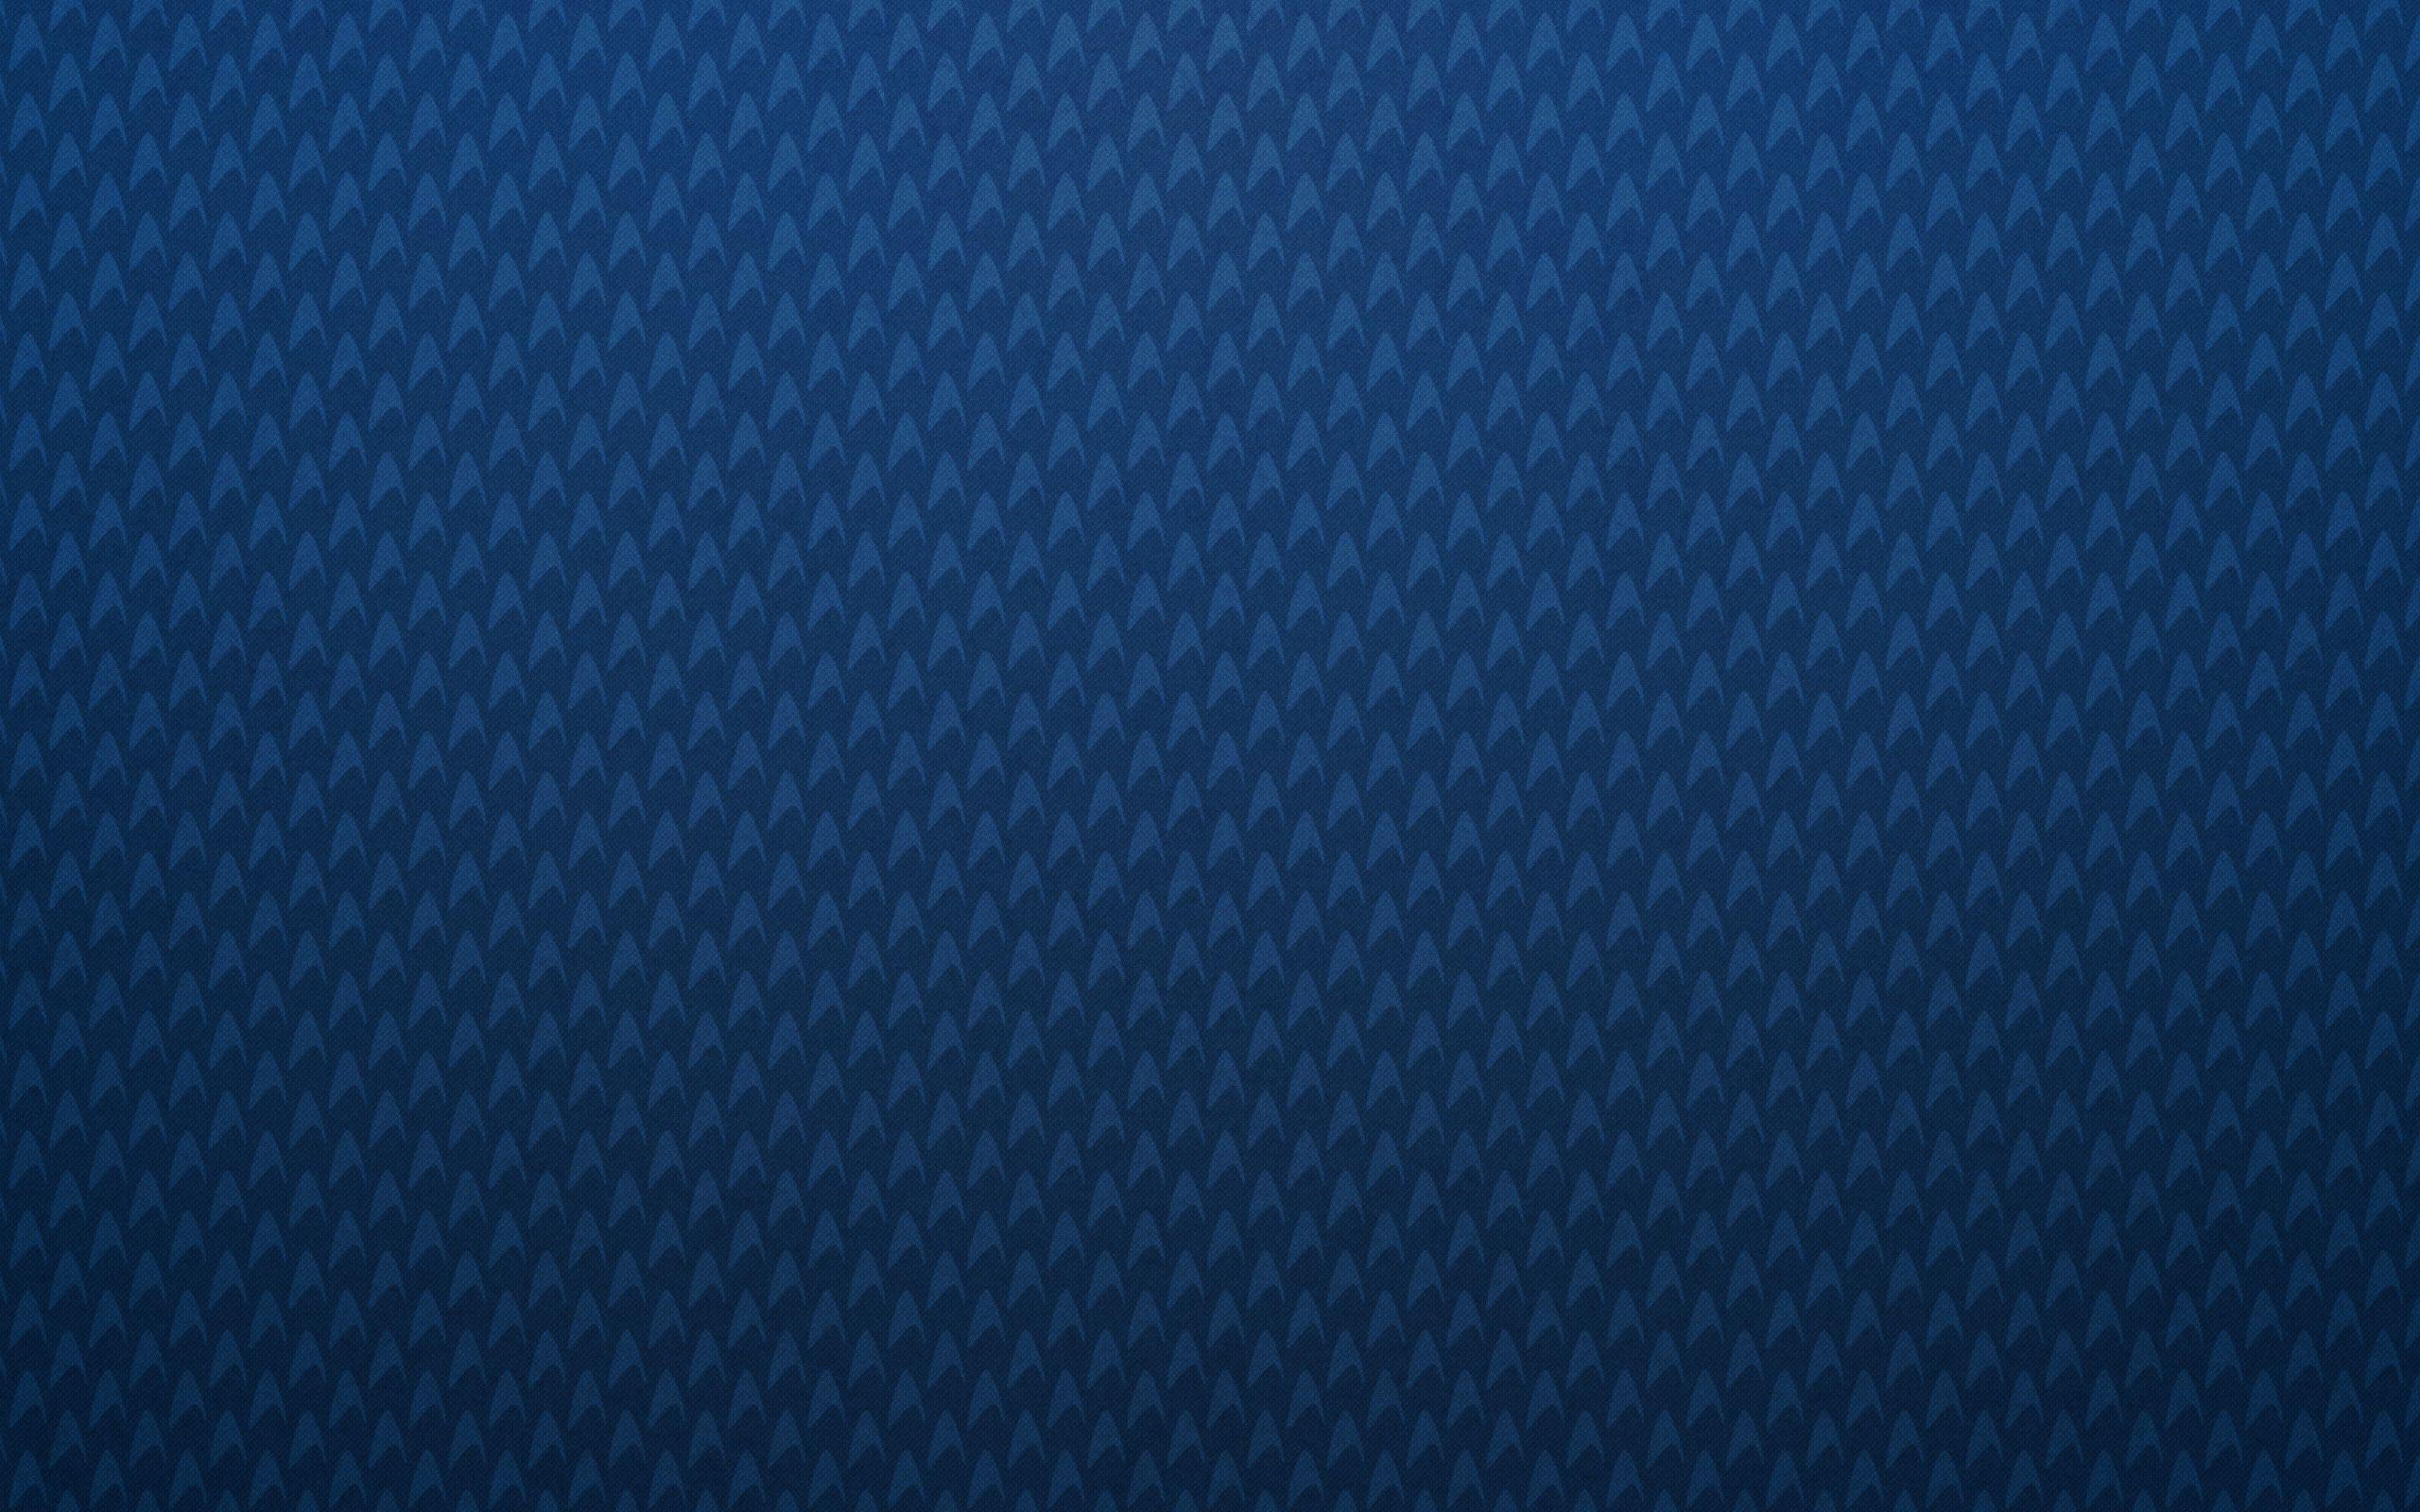 Pattern Star Trek Wallpaper 2560x1600 16208 Wallpaperup Blue Fabric Pattern Pattern Wallpaper Blue Fabric